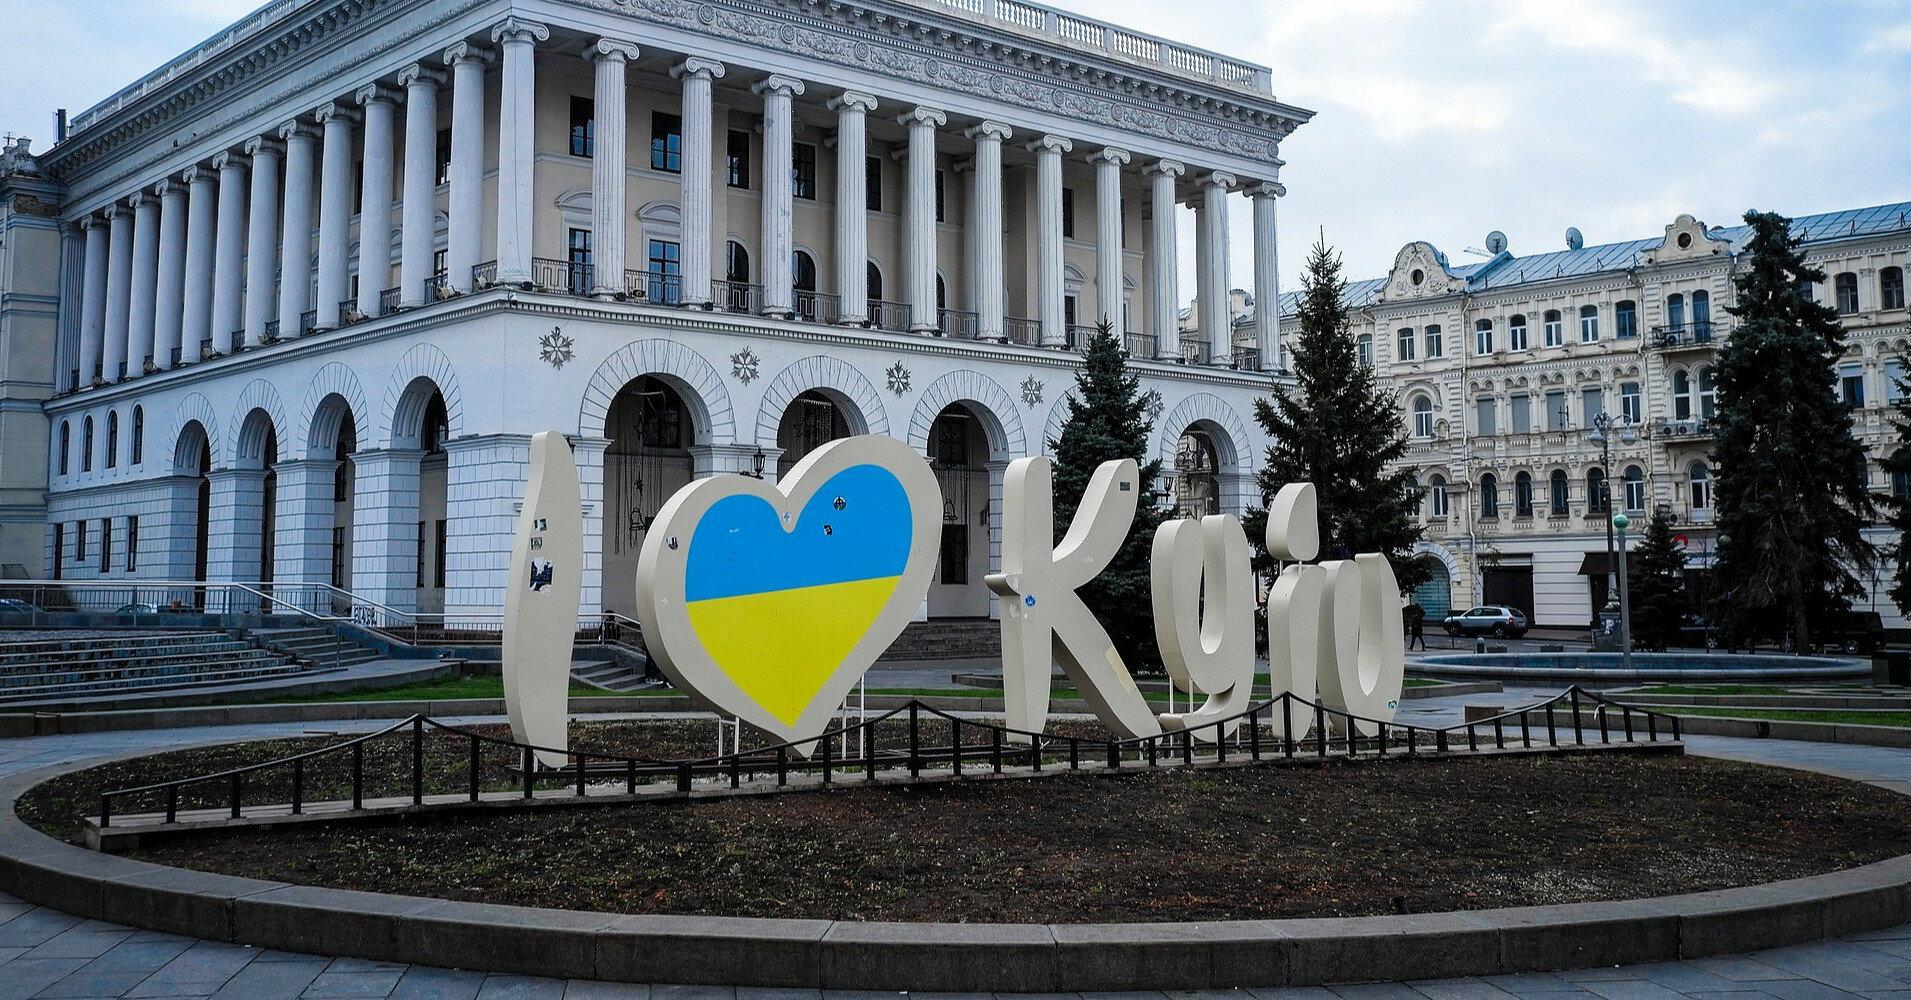 Киев попал в первую сотню международного рейтинга городов